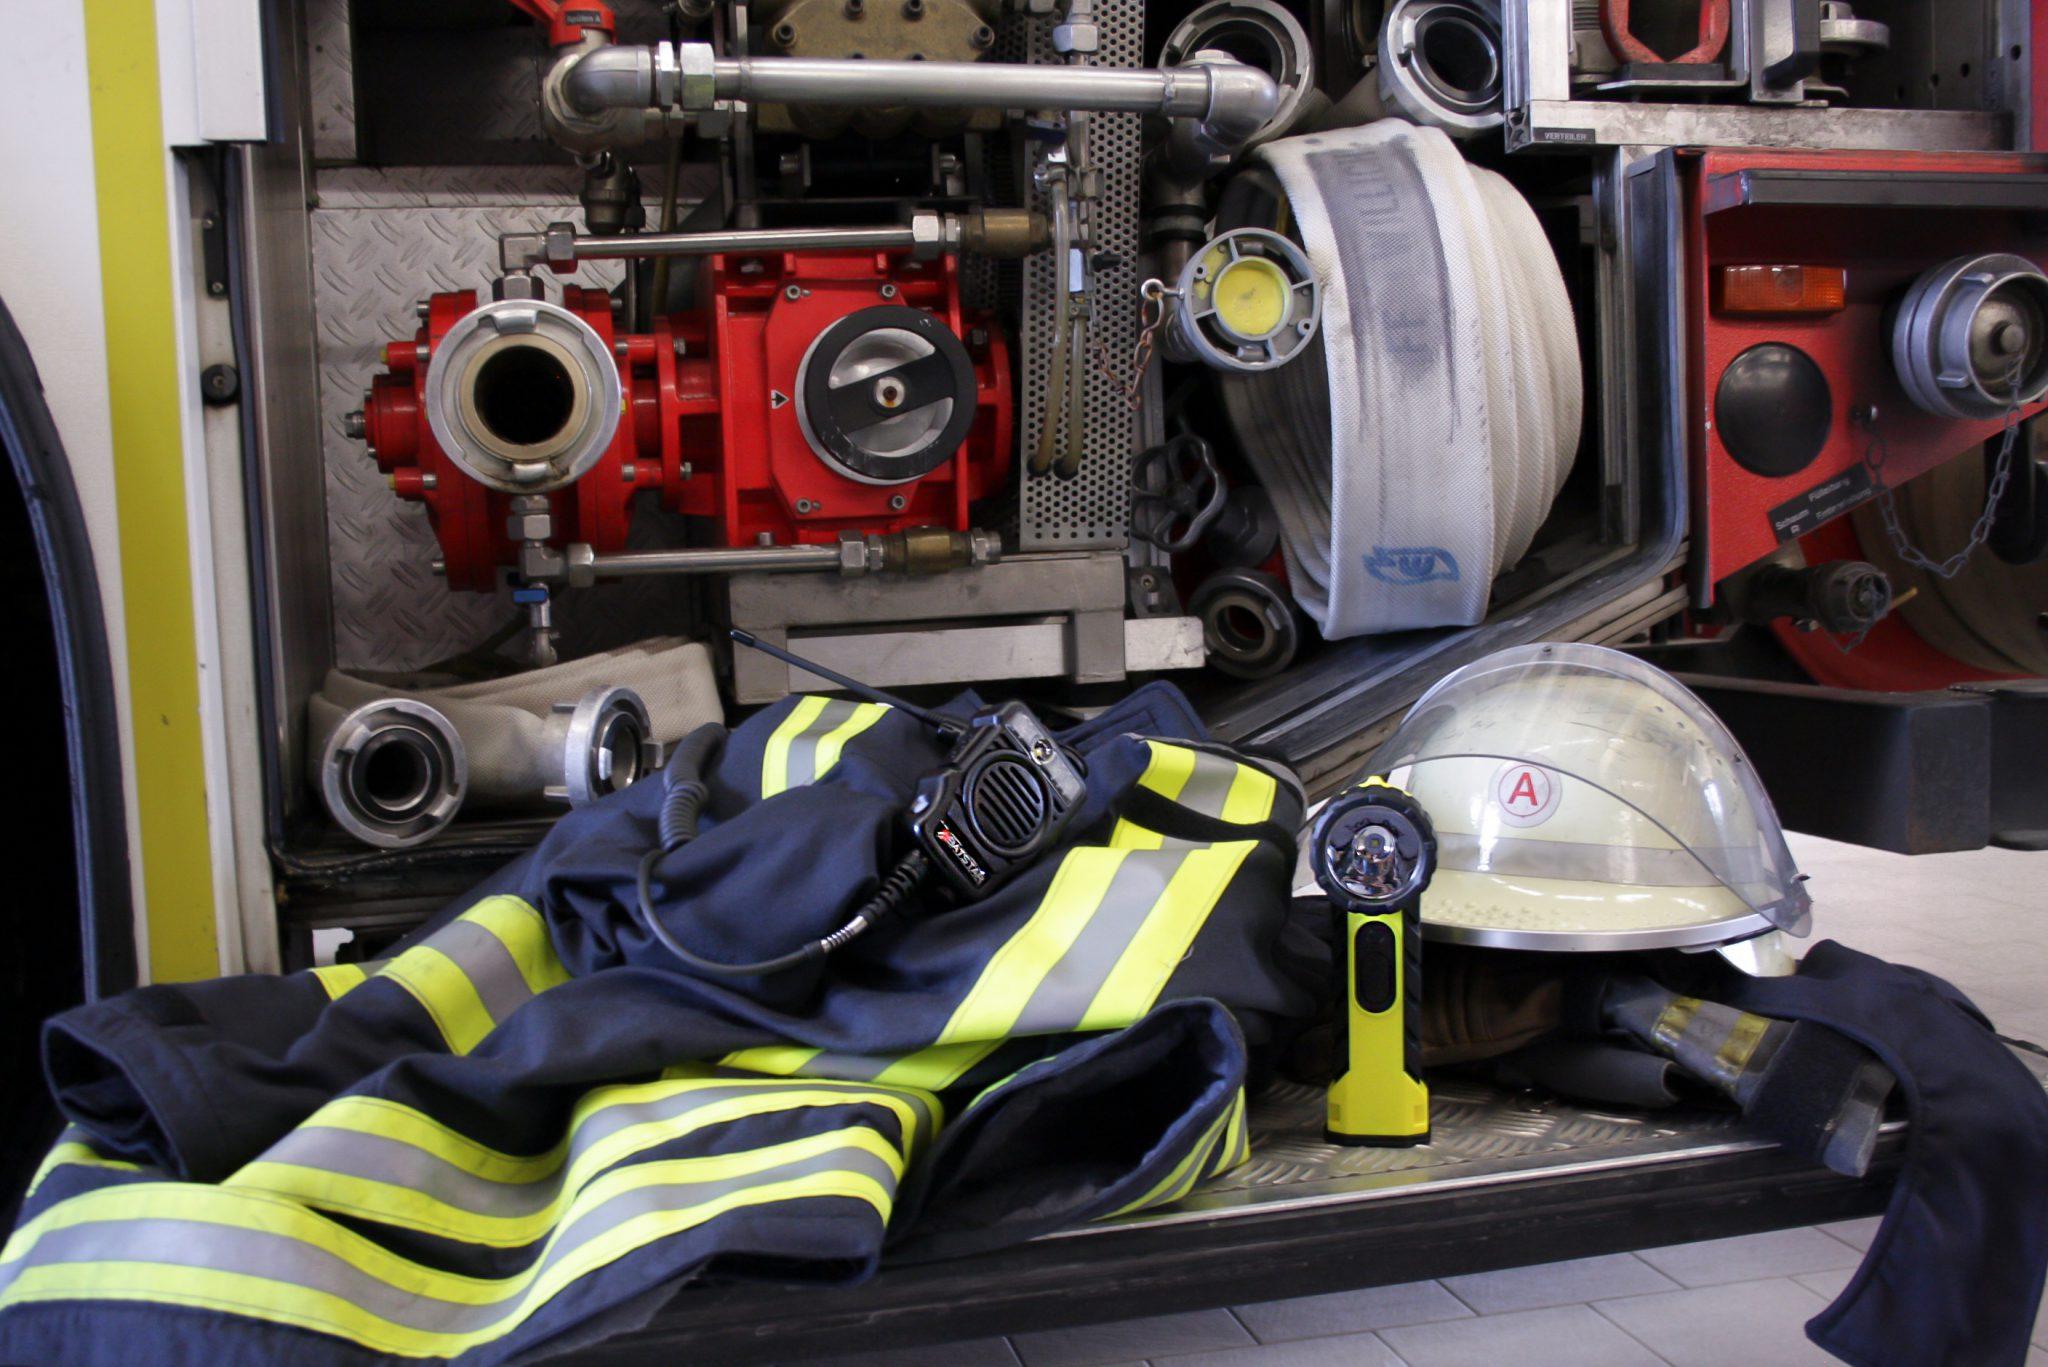 Behörden Polizei Feuerwehr Funkgeräte Handlampe; Lautsprecher Mikrofon, BATSTAR GmbH